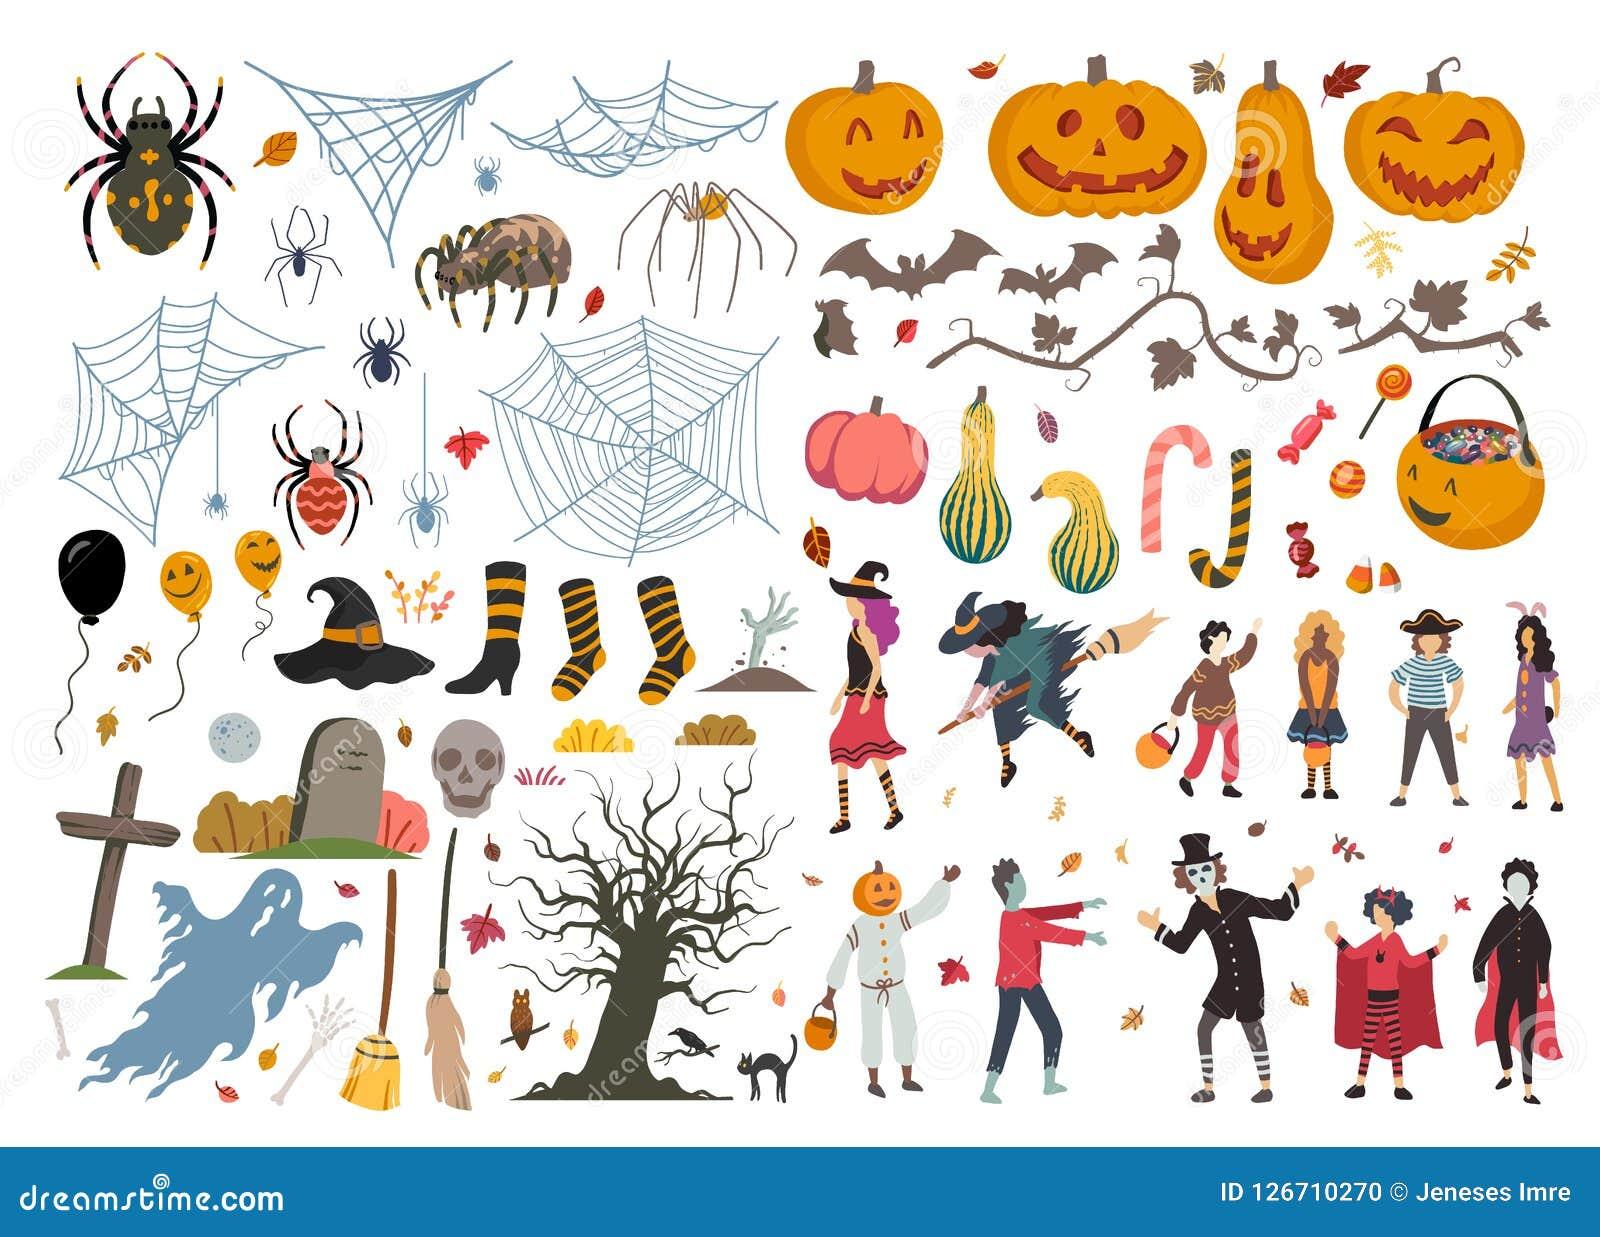 Collection de Halloween, illustration, griffonnage, croquis, dessin, vecteur